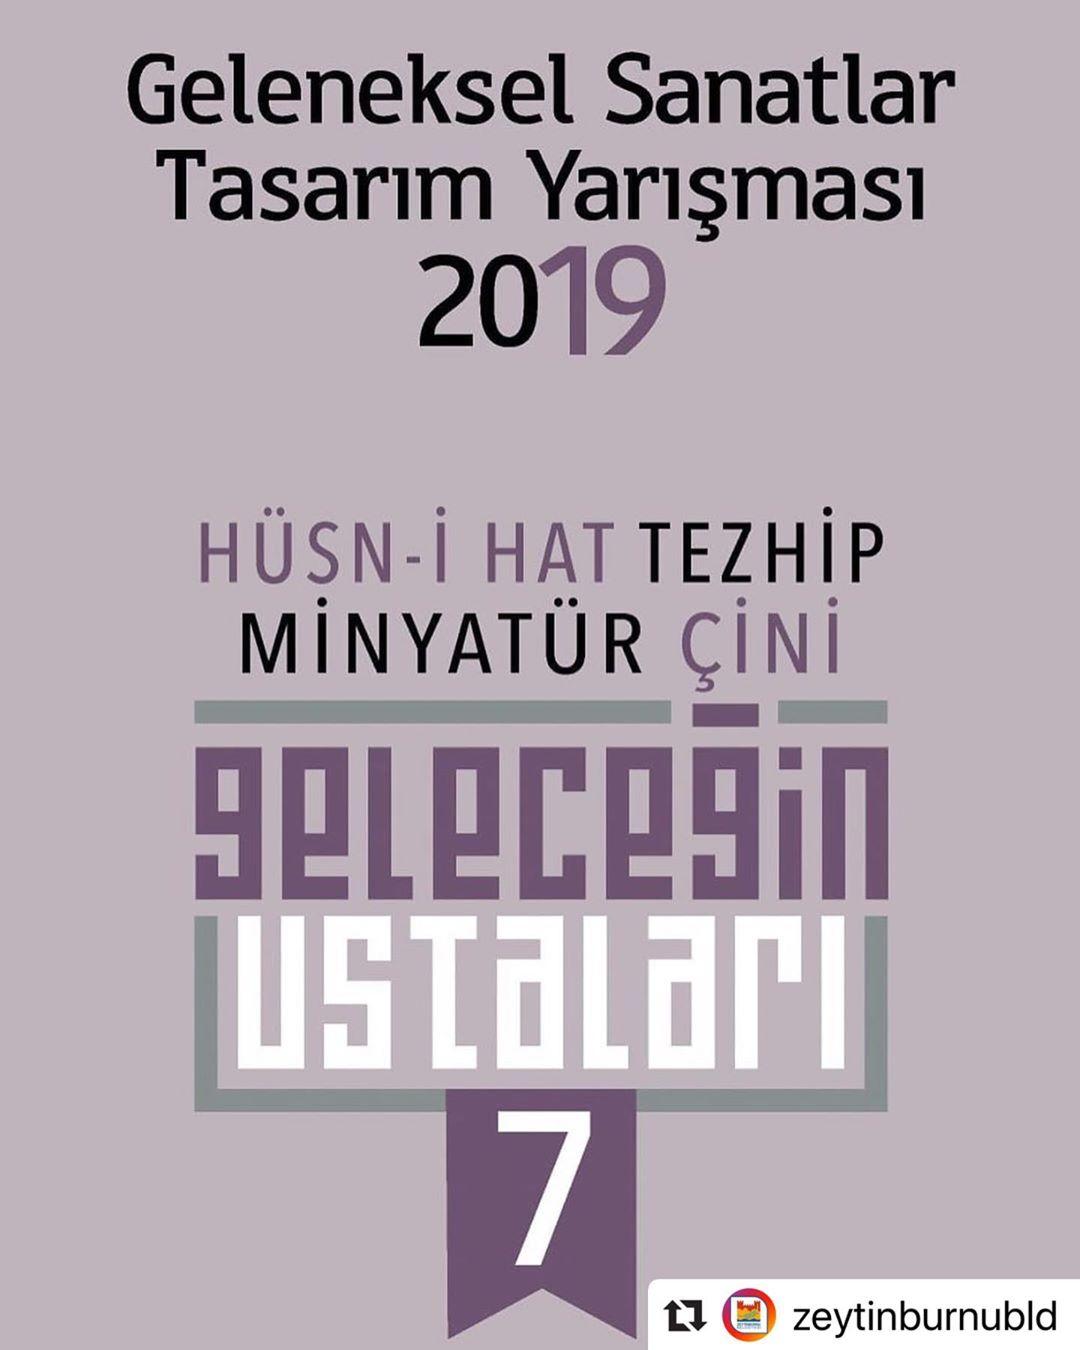 geleceginustalari #Repost @zeytinburnubld with @make_repost ・・・ 7. Geleceğin Ustaları Geleneksel ... 126 1